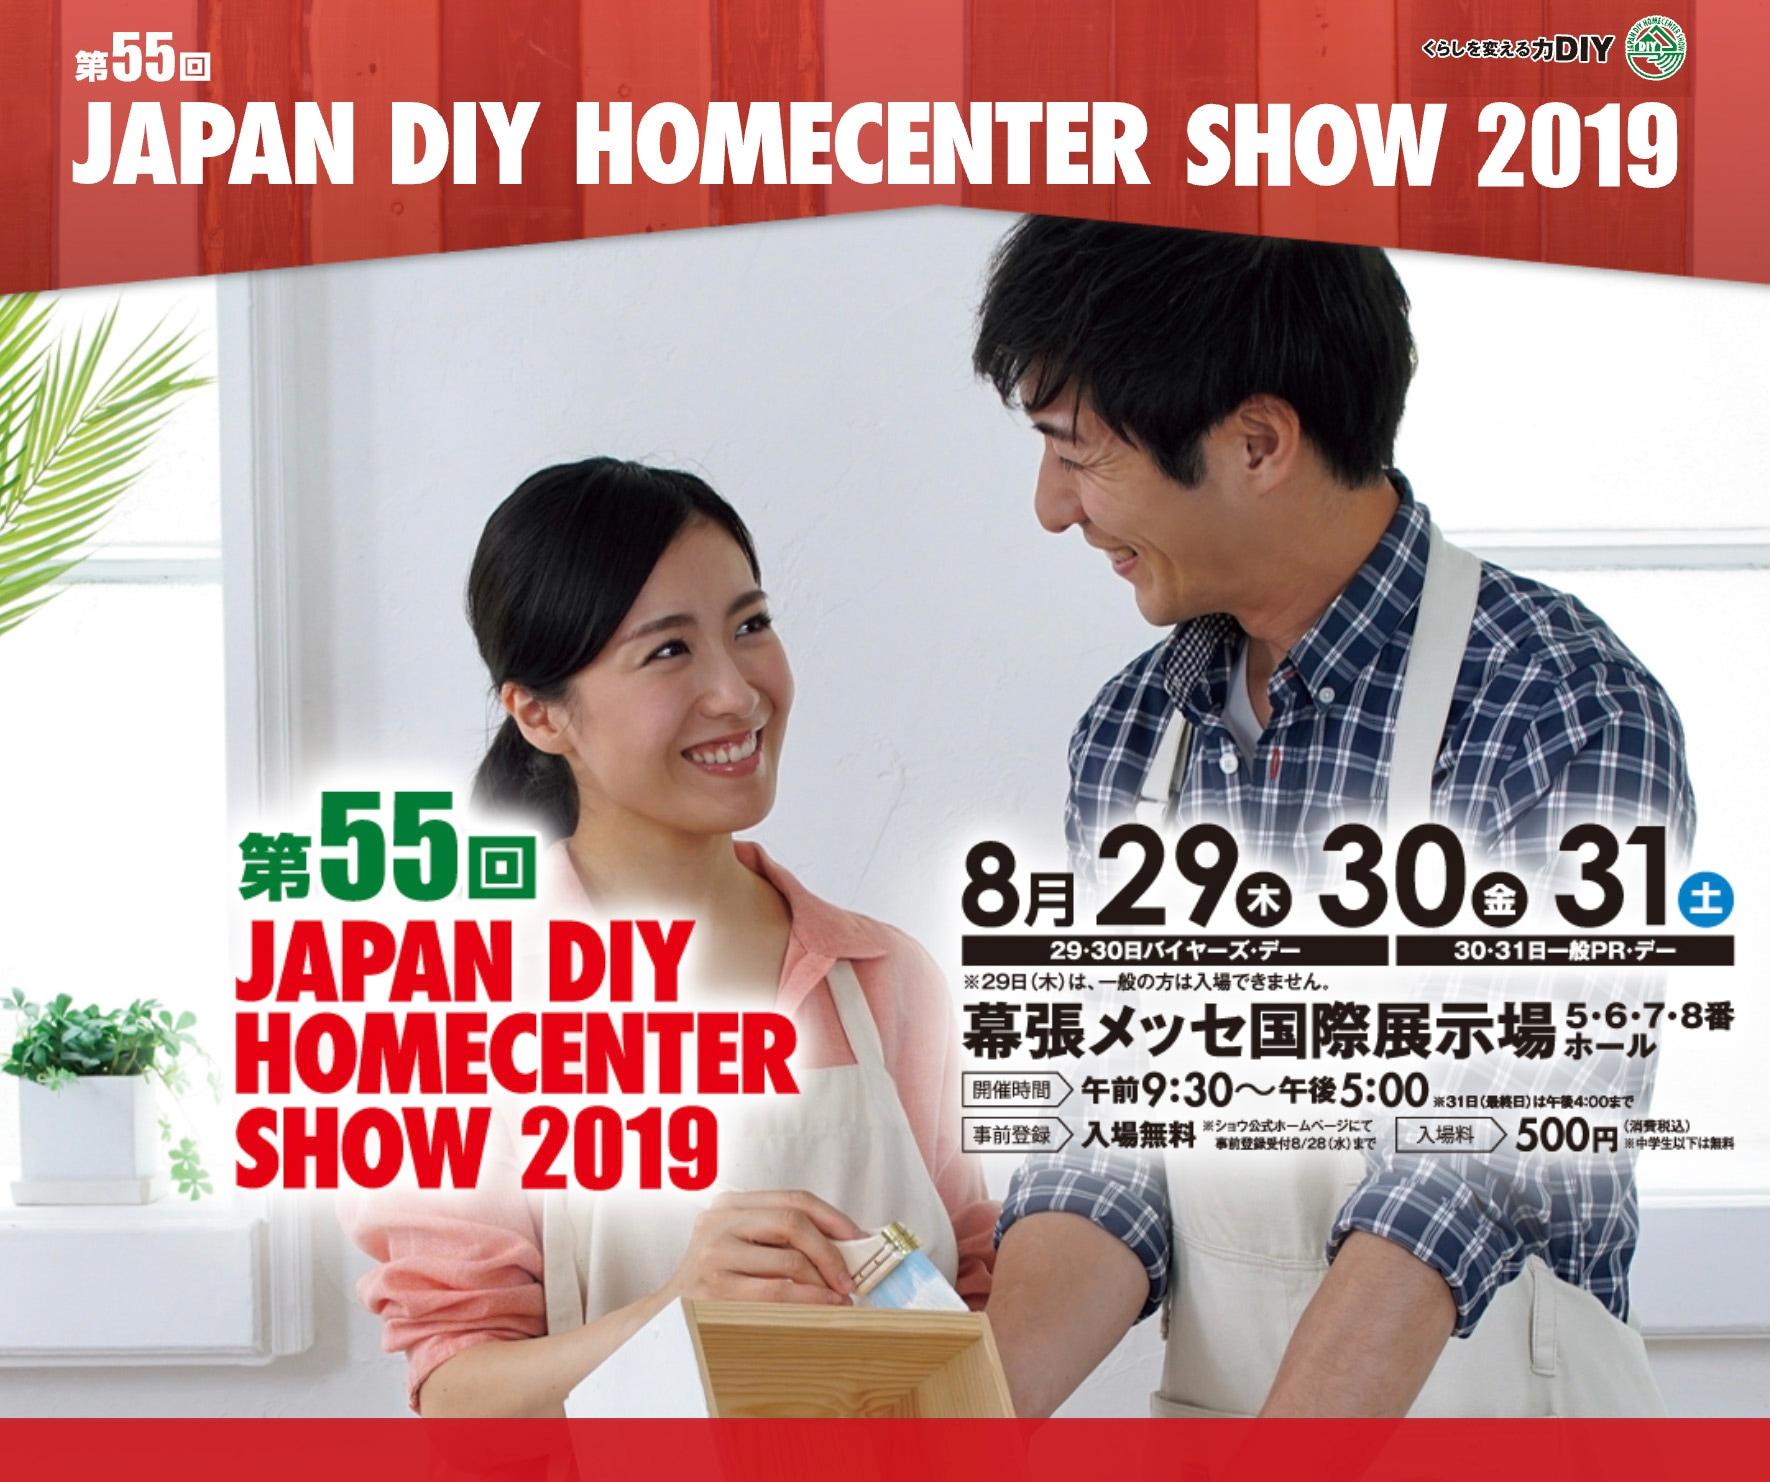 第55回 JAPAN DIY HOMECENTER SHOW 2019